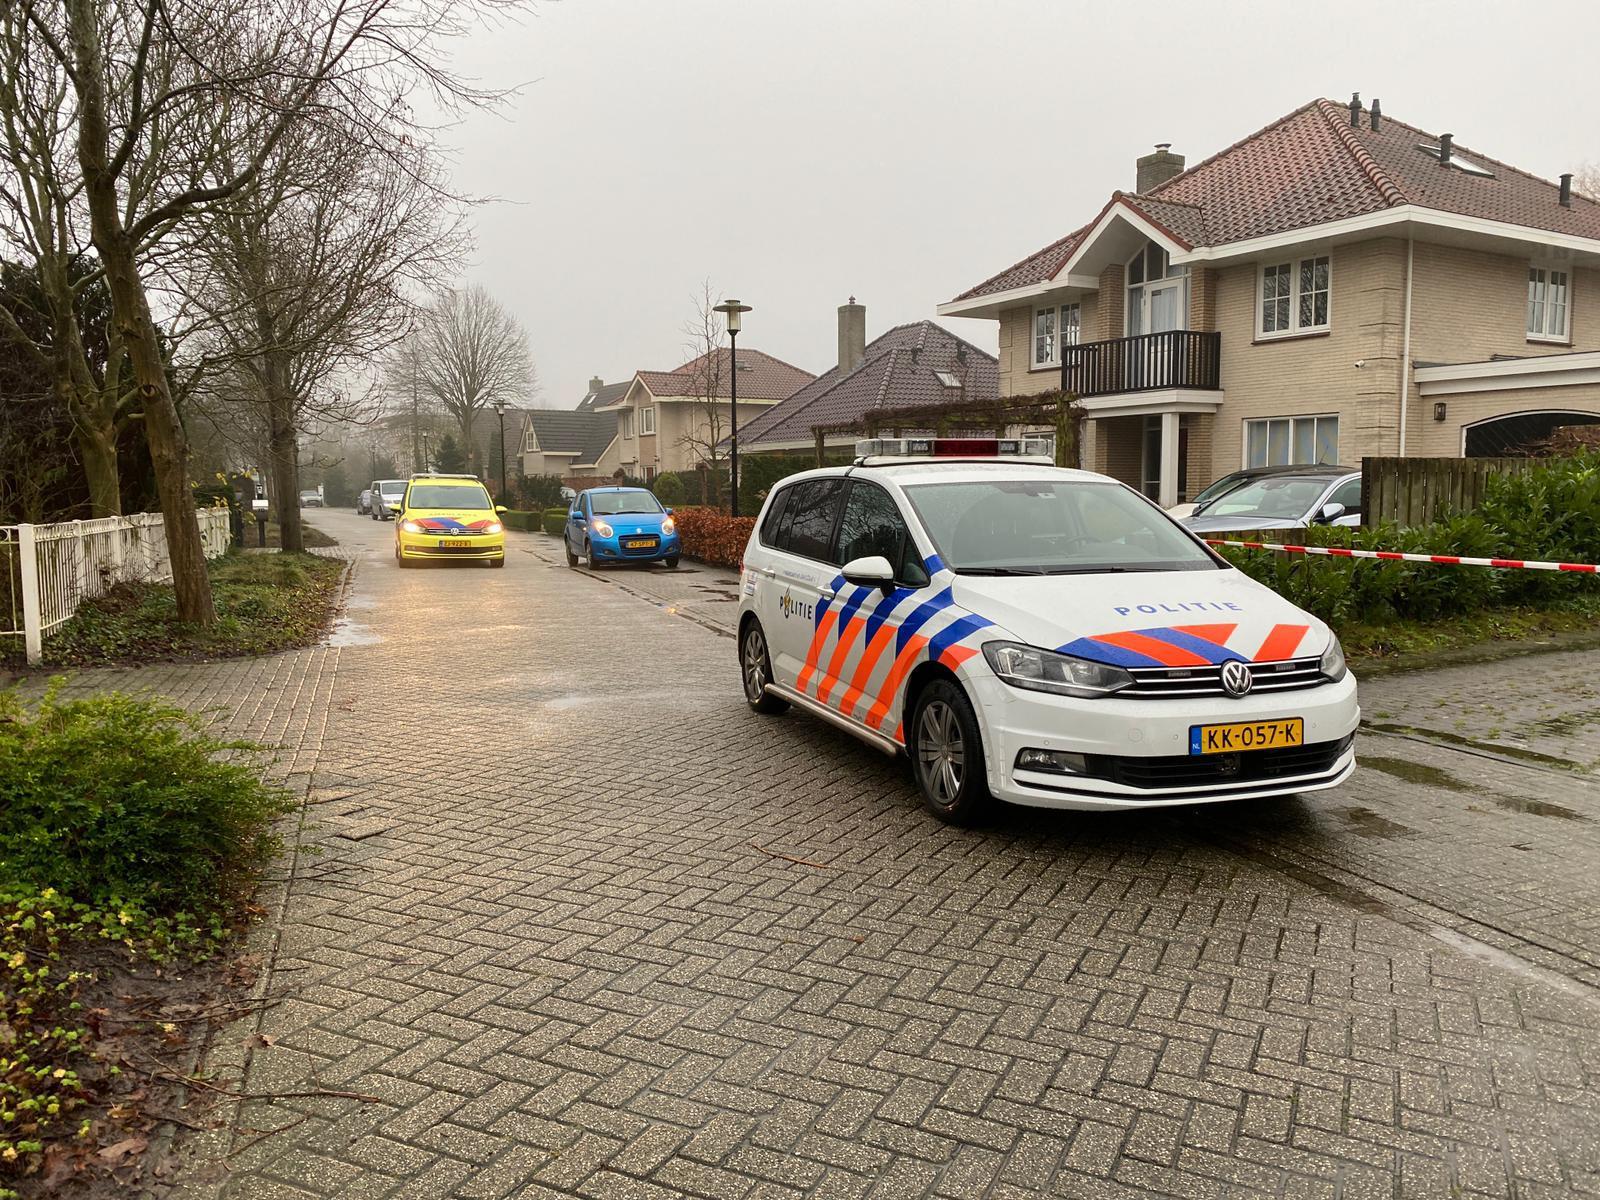 Vrouw neergestoken in woning in Grootebroek, mogelijk ook kinderen gewond. Politie treft dader aan met mes in handen en lost schot